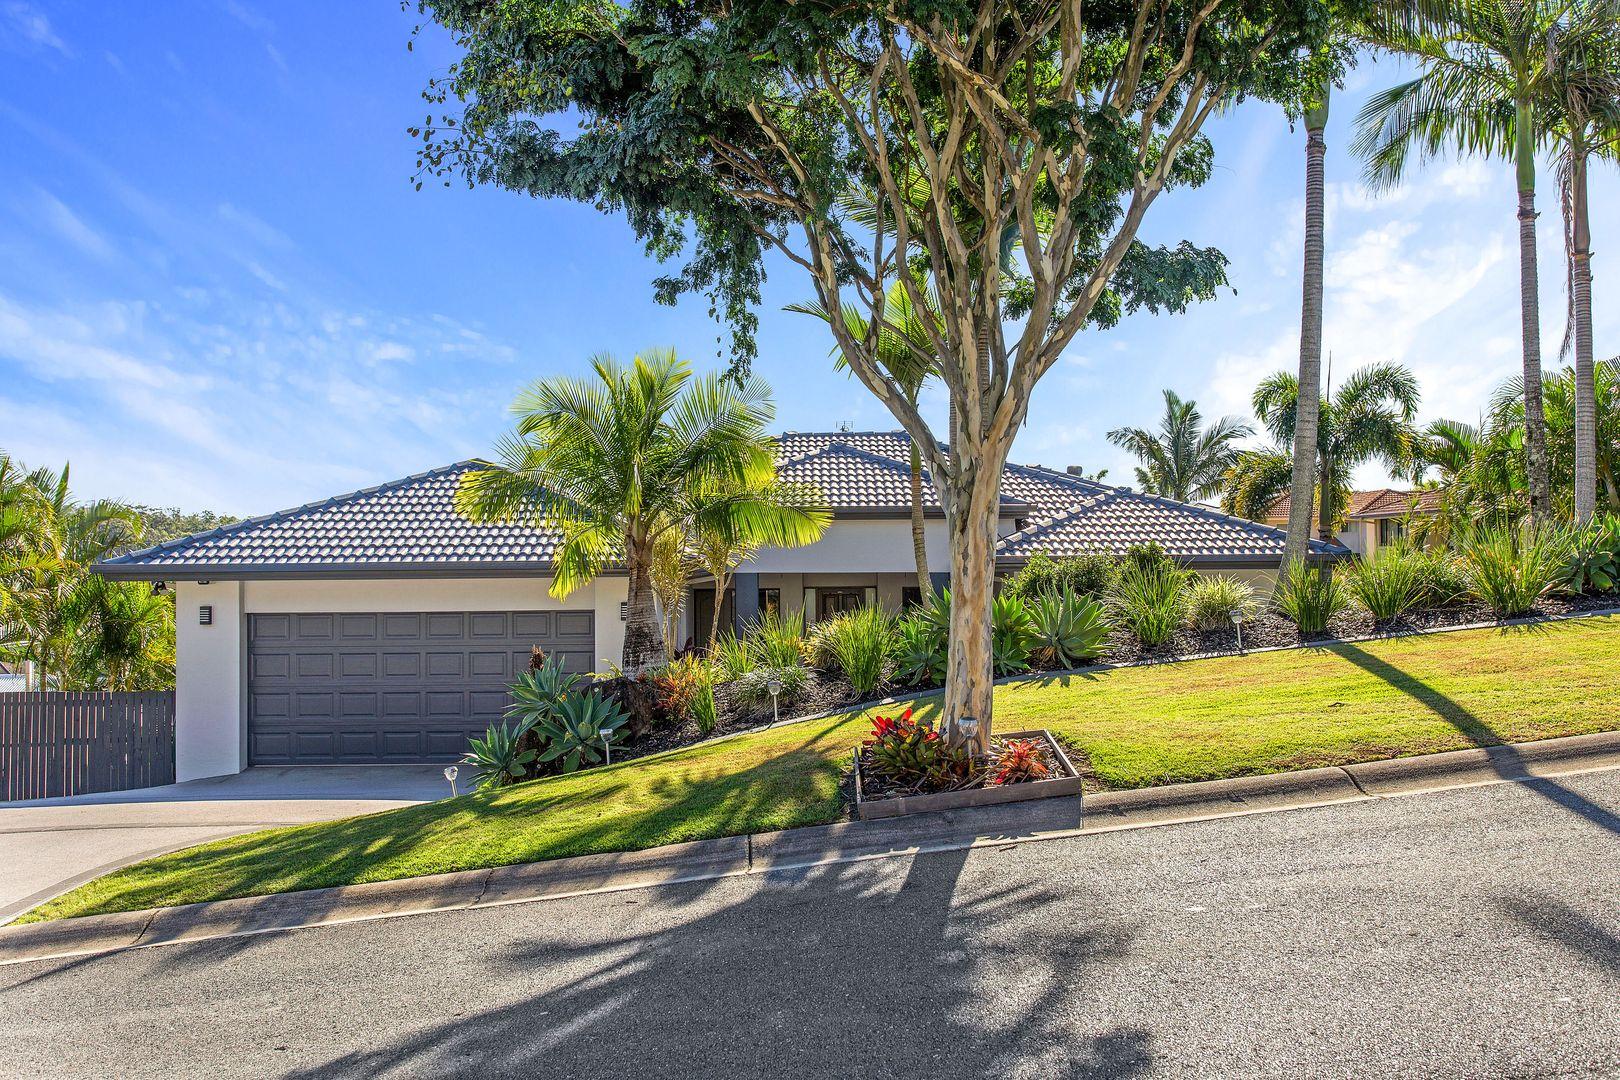 28 Sky Royal Terrace, Burleigh Heads QLD 4220, Image 1